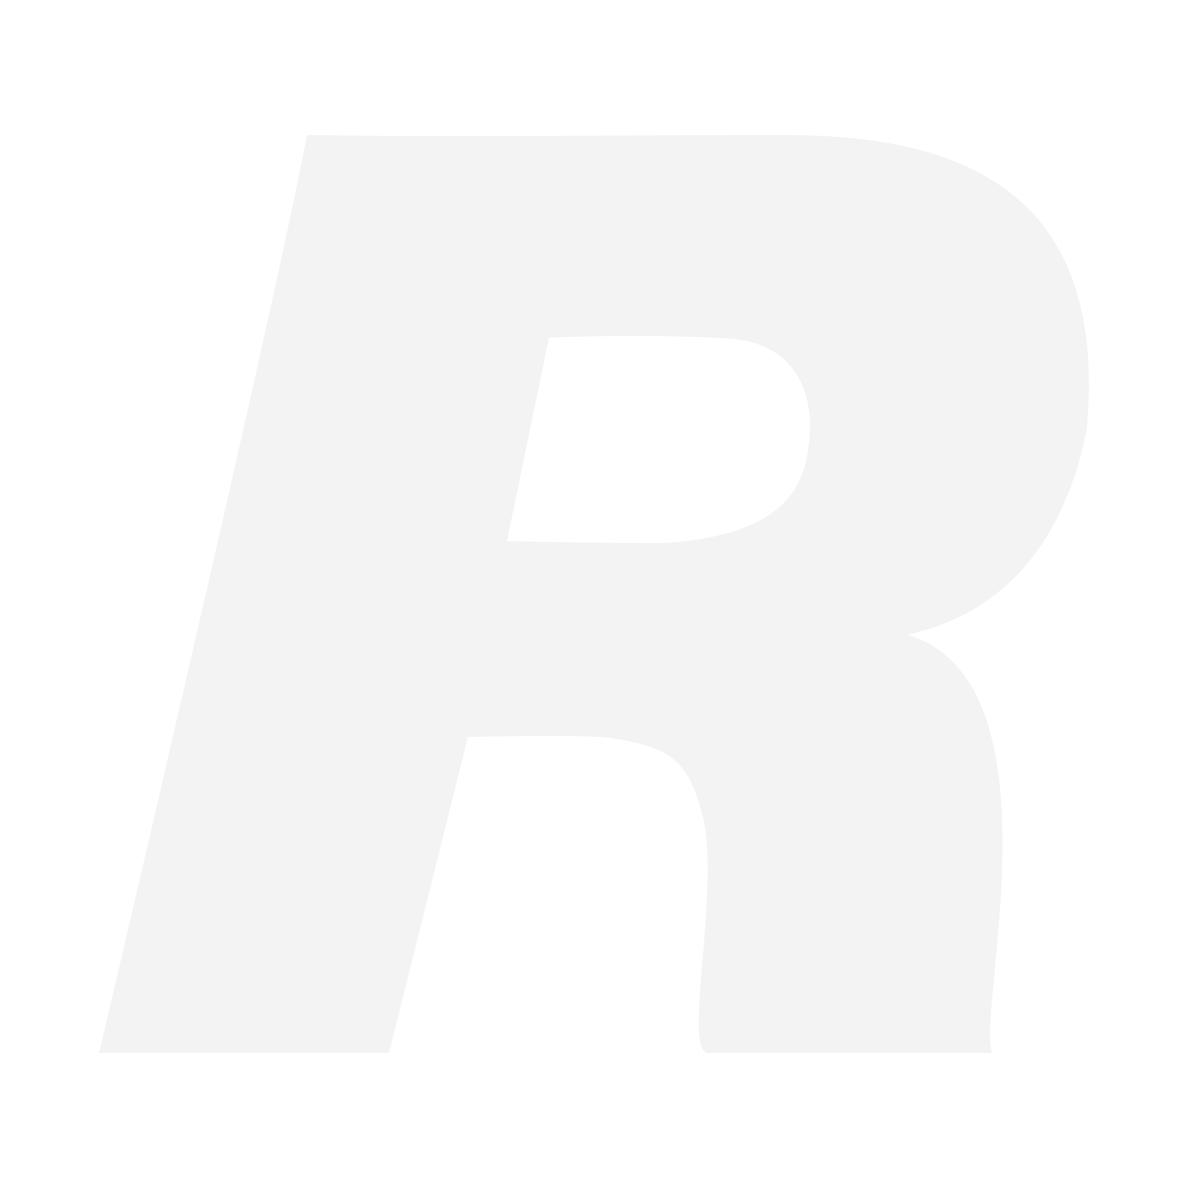 Billingham Rucksack 35 -kamerareppu, black/tan